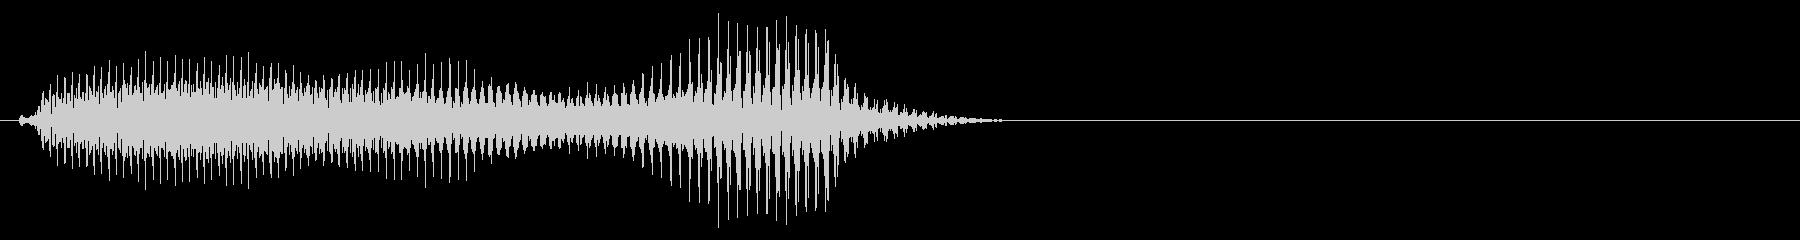 ほーぅわ カバイメージの謎生物鳴き声 の未再生の波形